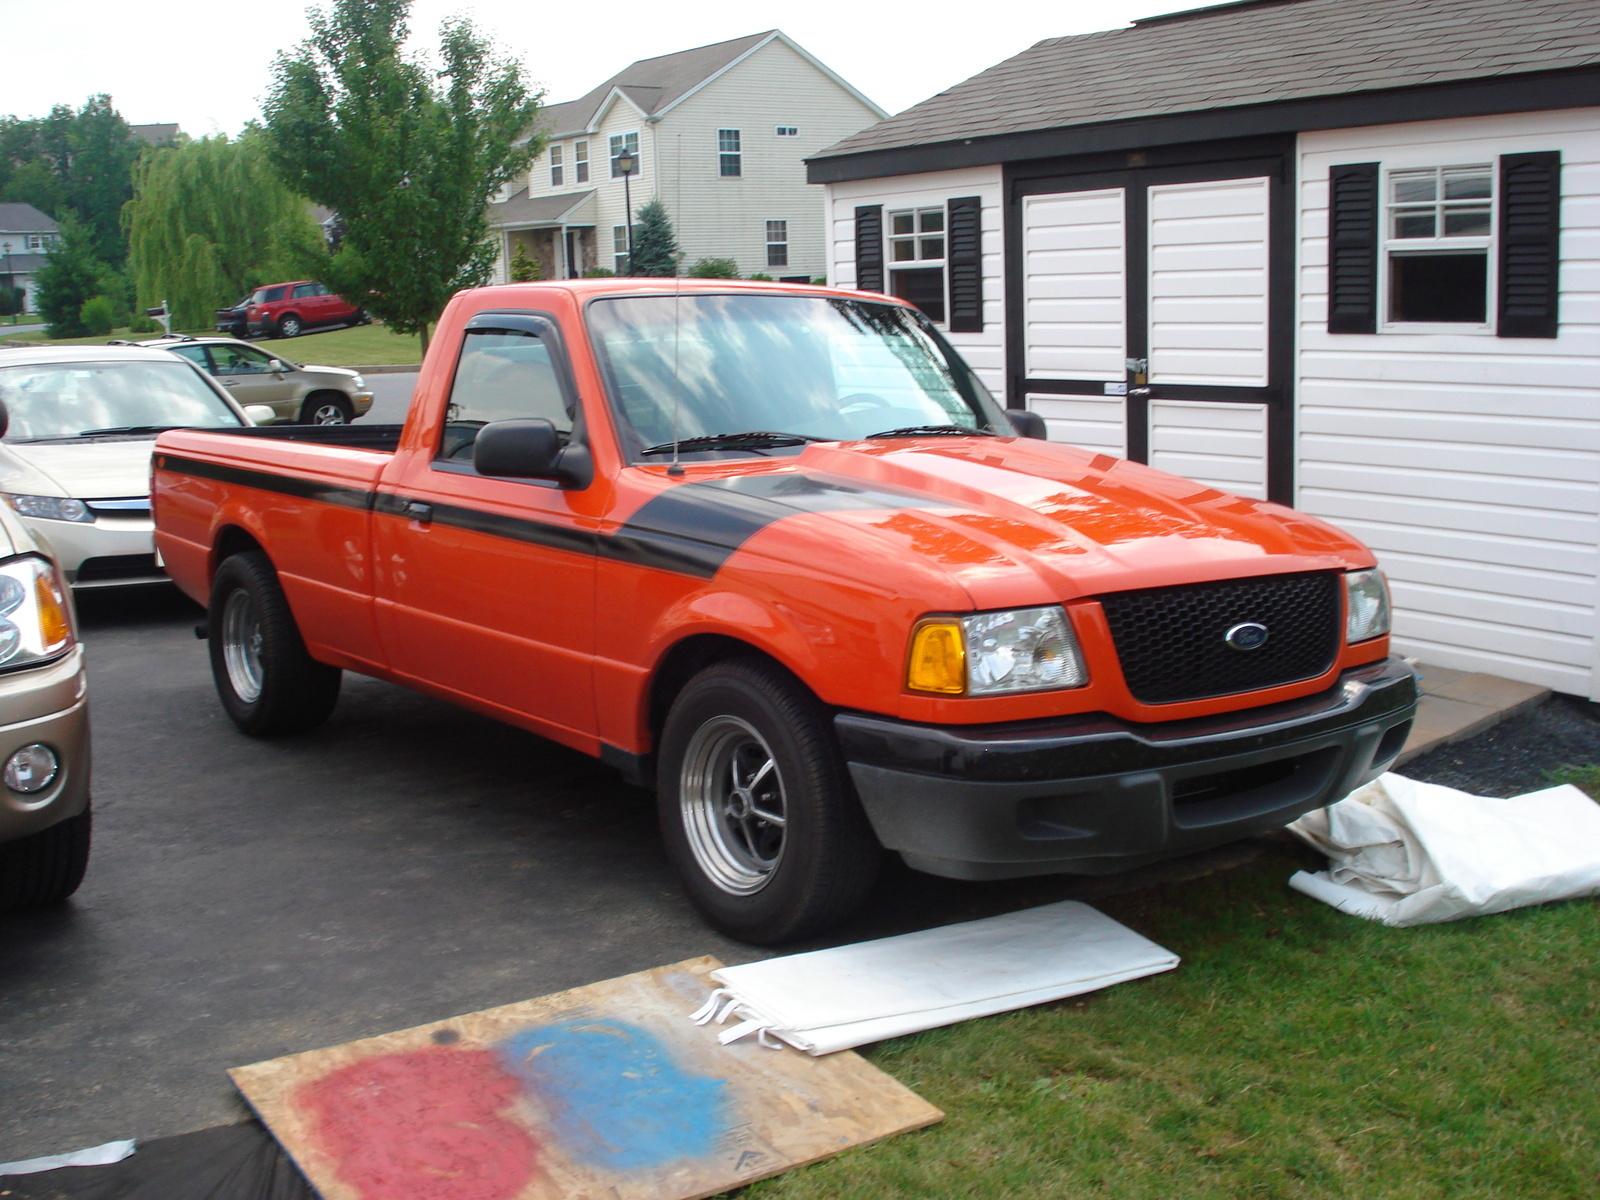 2003 Ford Ranger Edge >> 2001 Ford Ranger - Overview - CarGurus